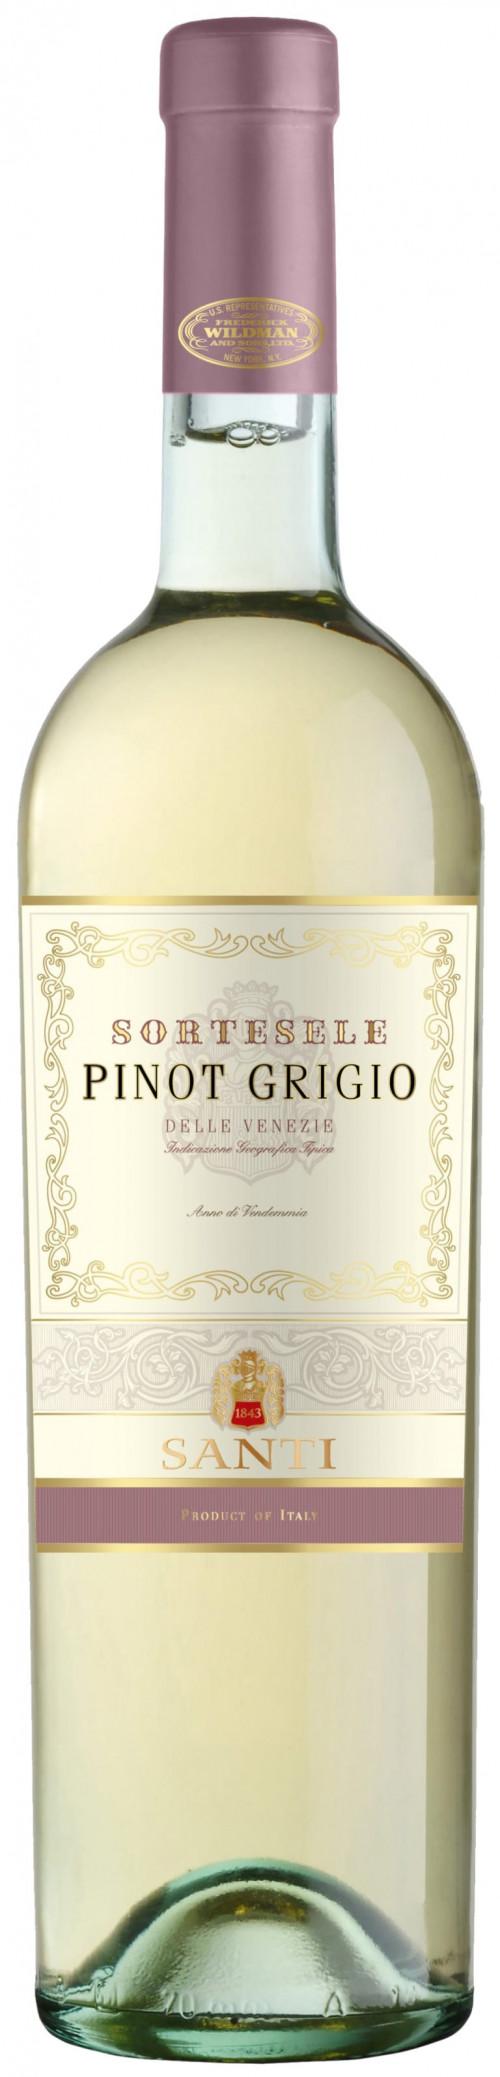 2020 Santi Pinot Grigio 750ml